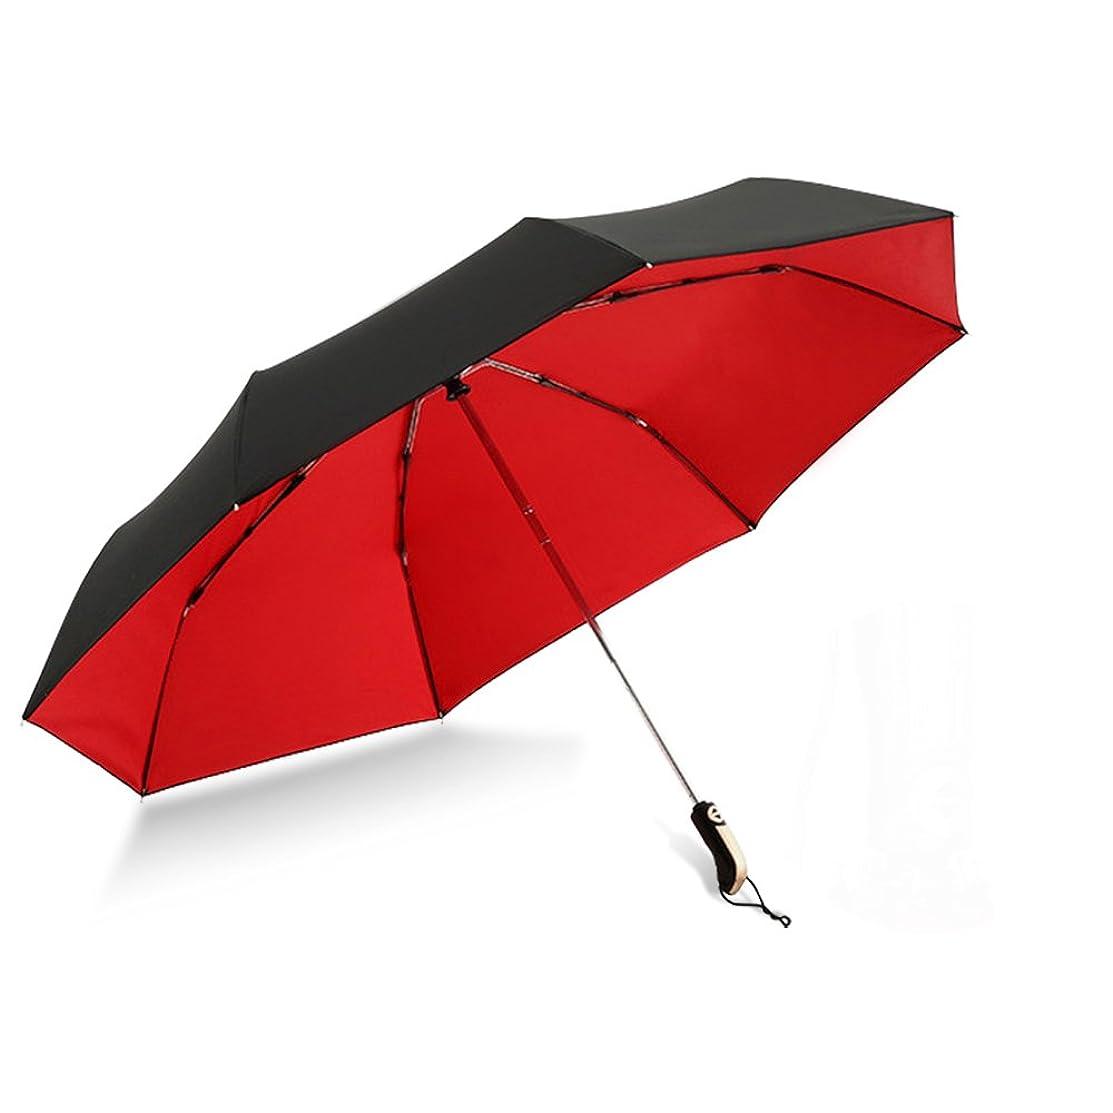 熟読抑制するスイス人折り畳み傘 自動開閉 ワンタッチ式 大きい 8本骨 直径123cm 2重構造 撥水加工 防雨 防風 紫外線遮蔽 収納ケース付き 晴雨兼用 YONiMO (レッド)